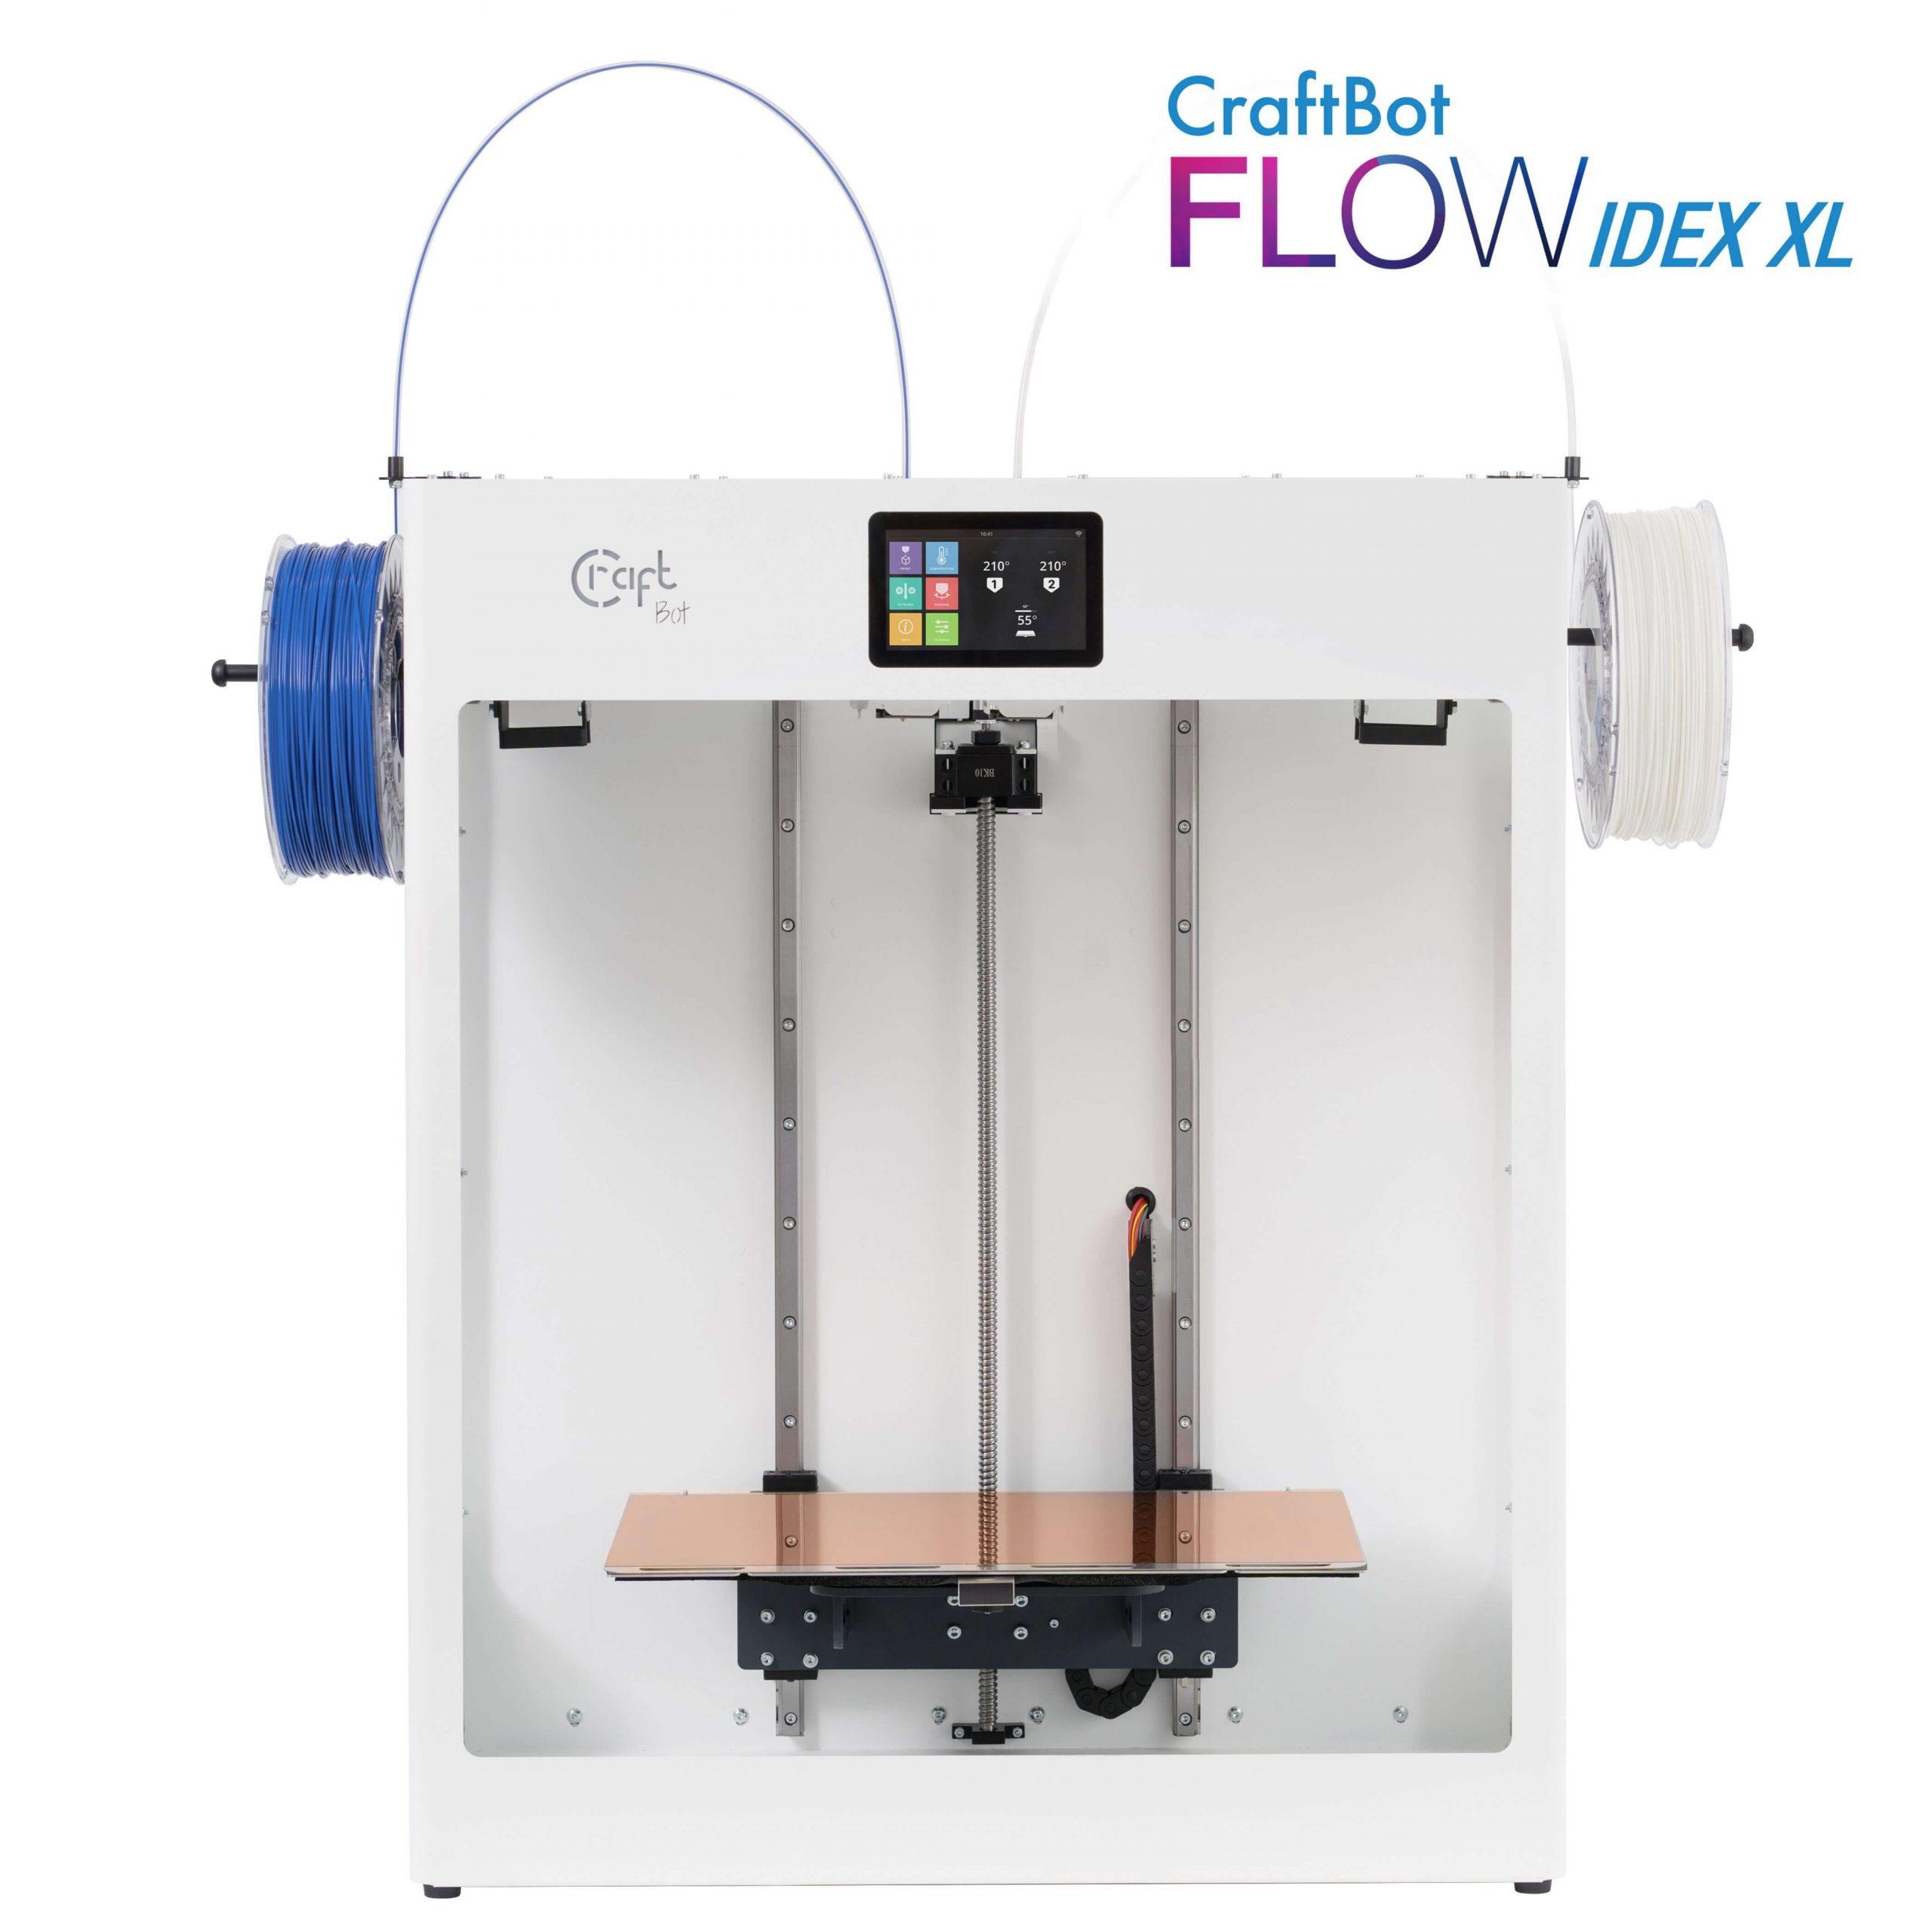 craftbot-flow-idex-xl-3d-drucker-kaufen-wien.jpg